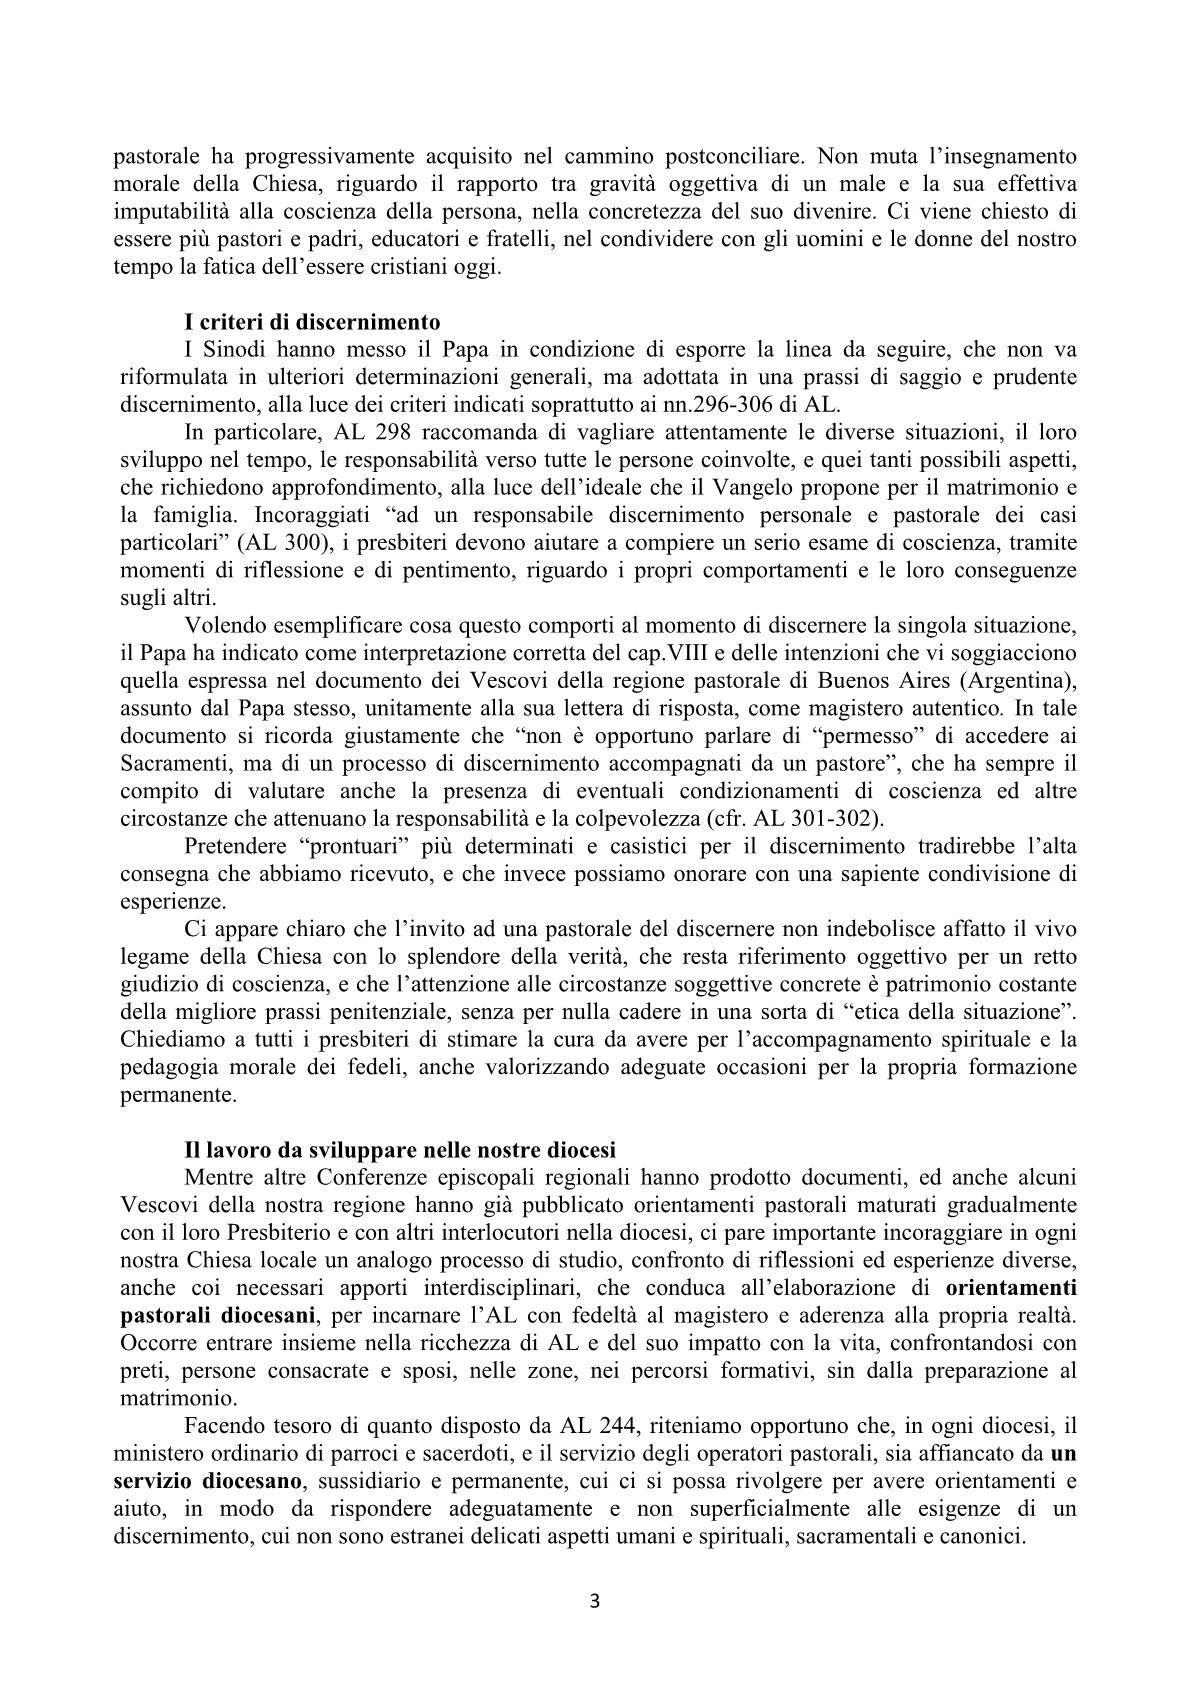 Lettera-dei-Vescovi-Lombardi-sulla-Amoris-Laetitia3